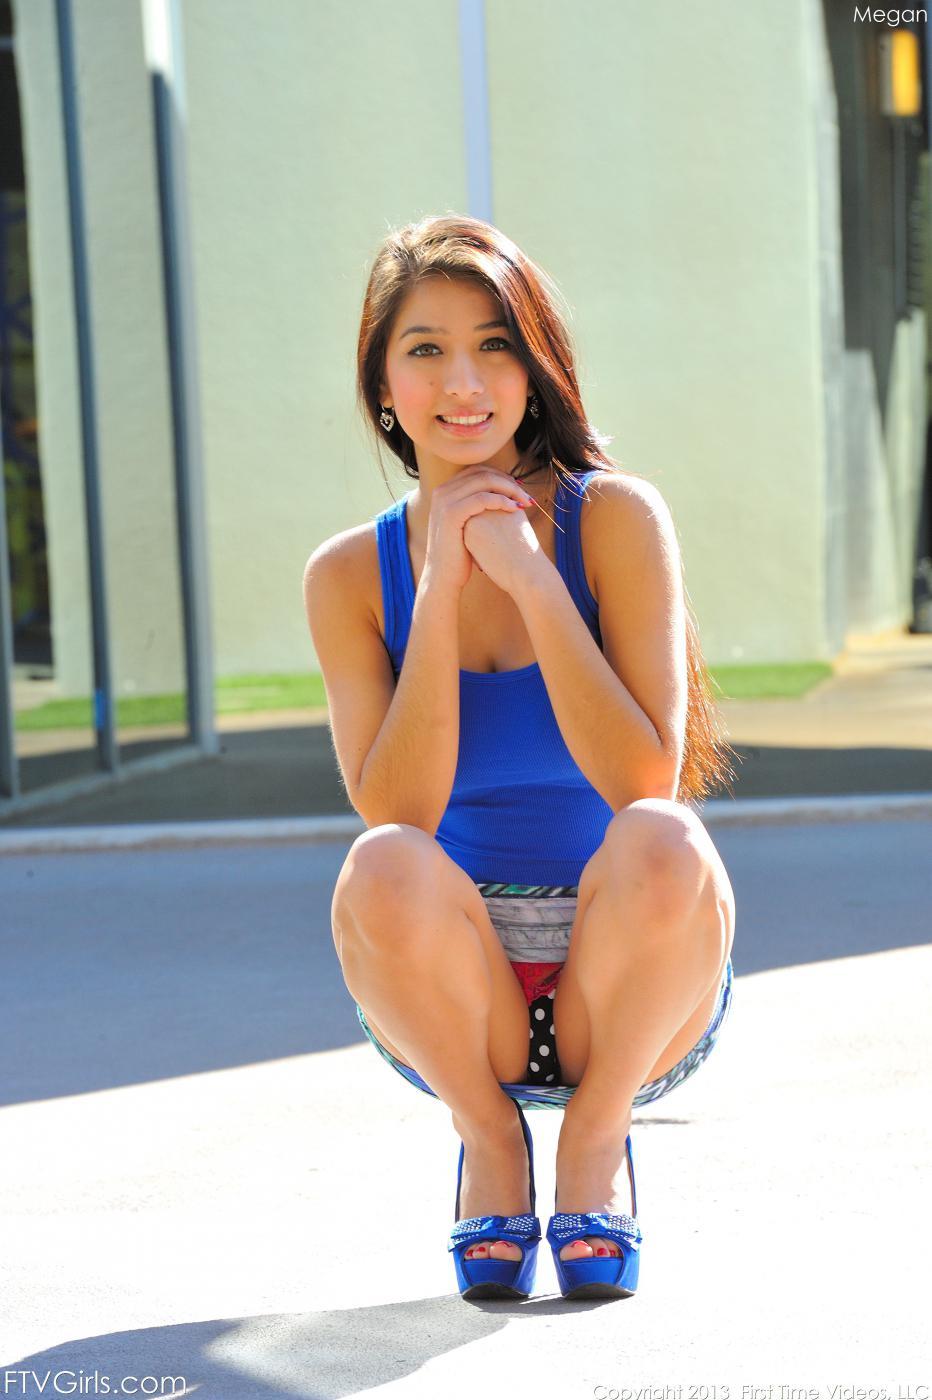 Негодная латина-подросток Megan Salinas оголяет грудь и заставляет их прыгать перед камерой